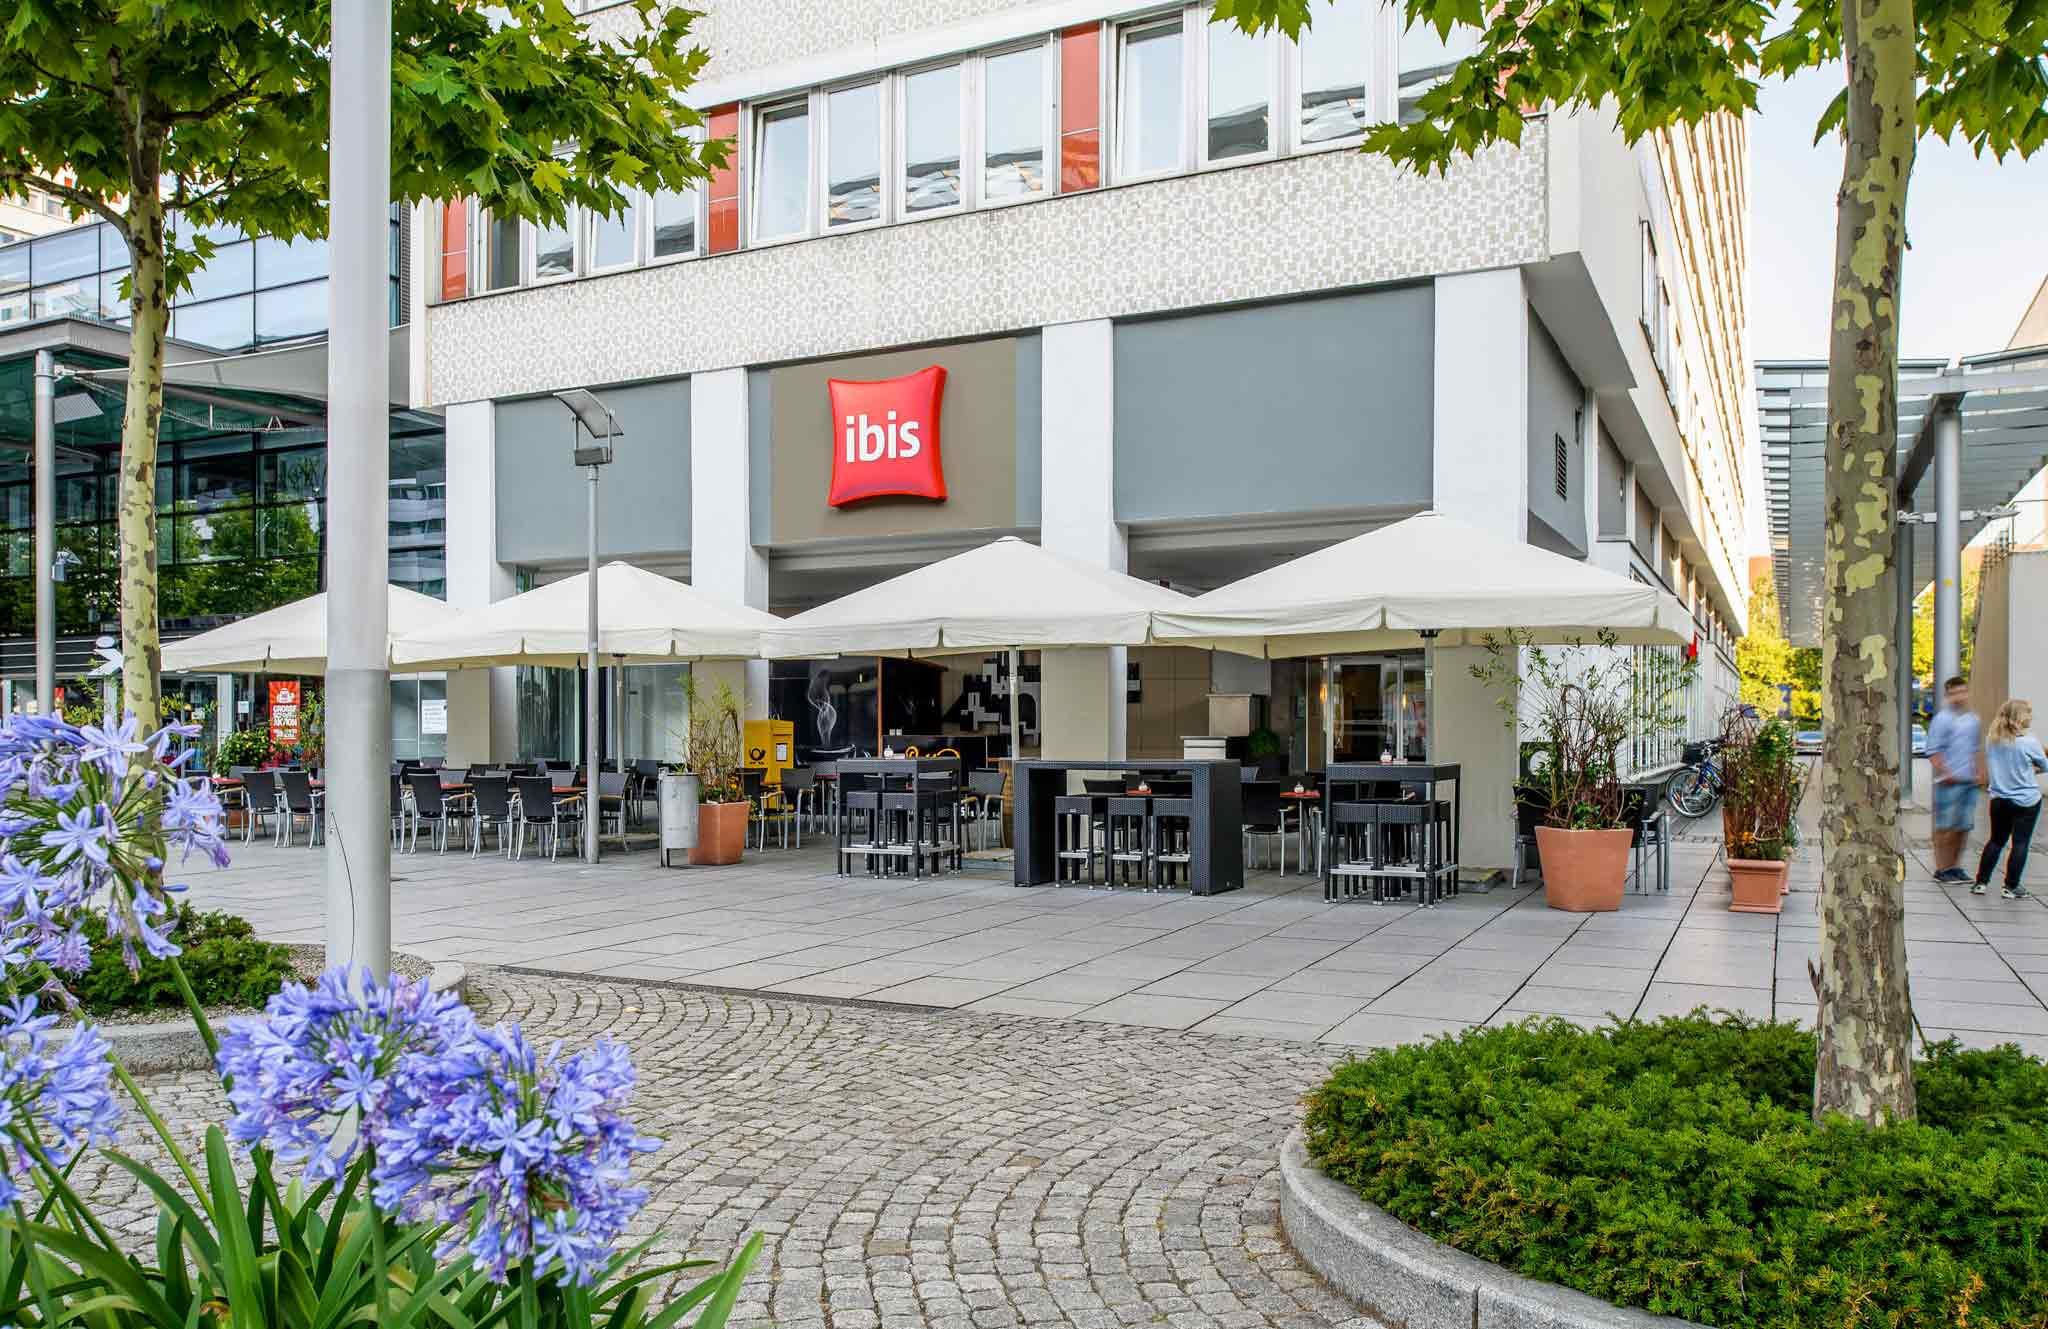 Ibis Hotel Dresden Königstein Vista exterior